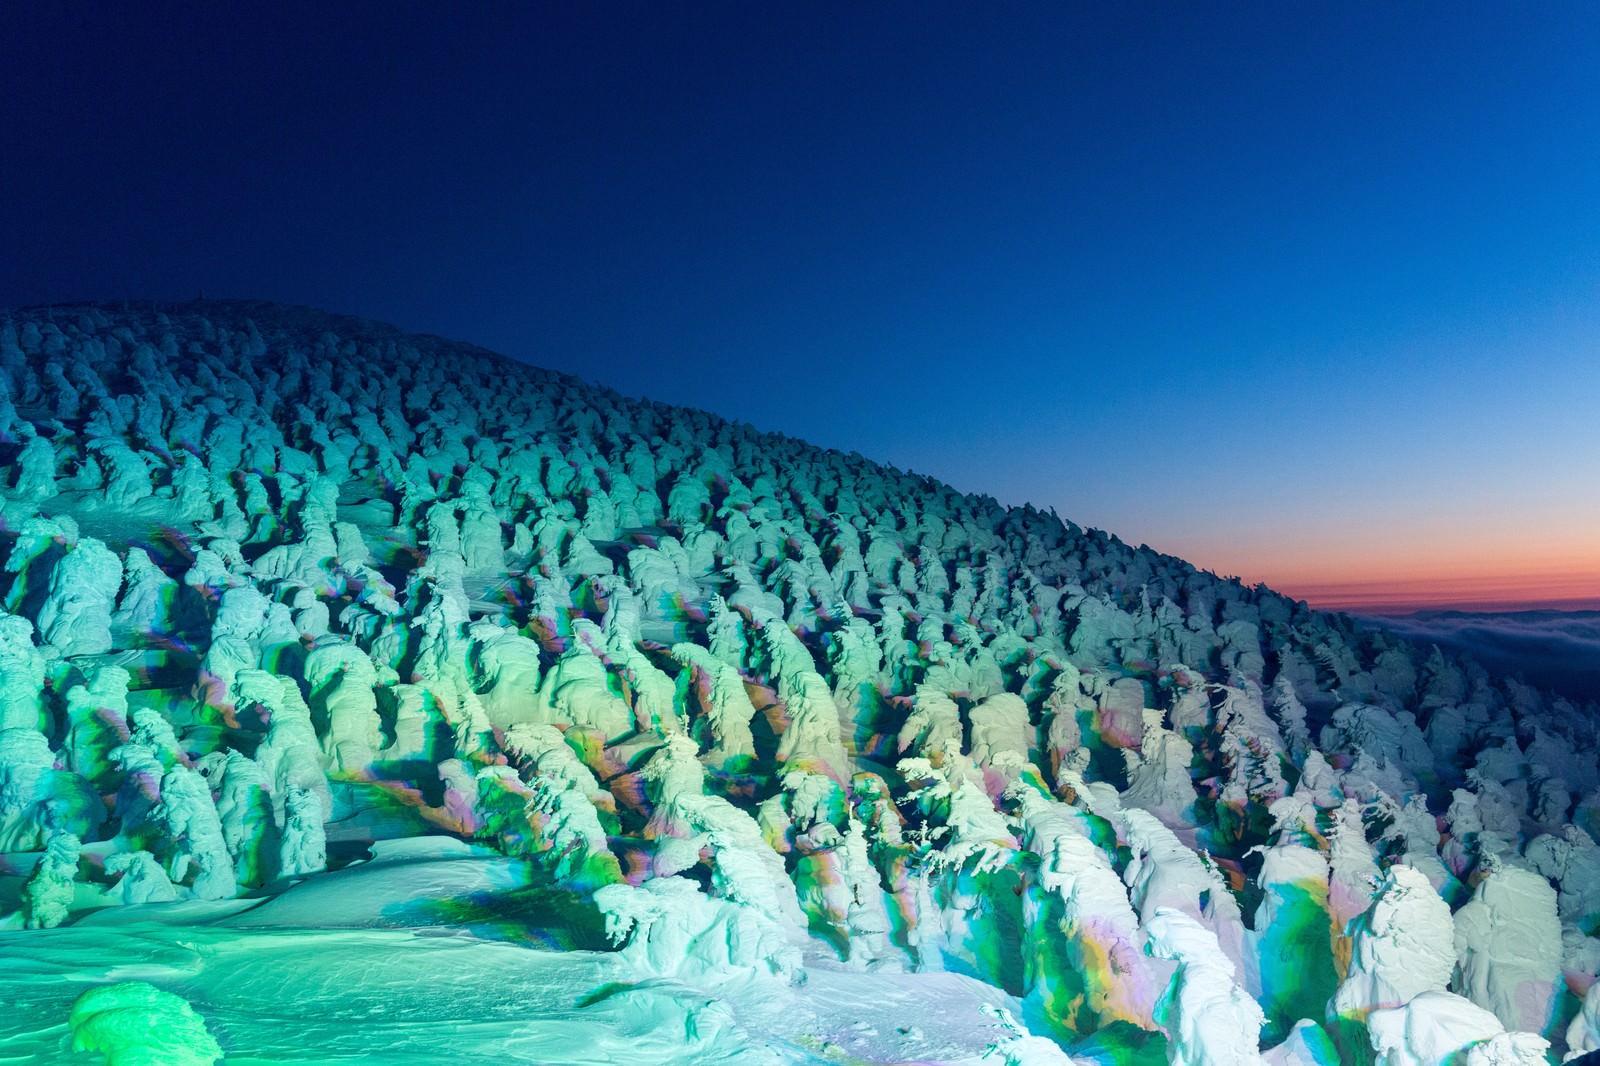 「蔵王の樹氷群蔵王の樹氷群」のフリー写真素材を拡大